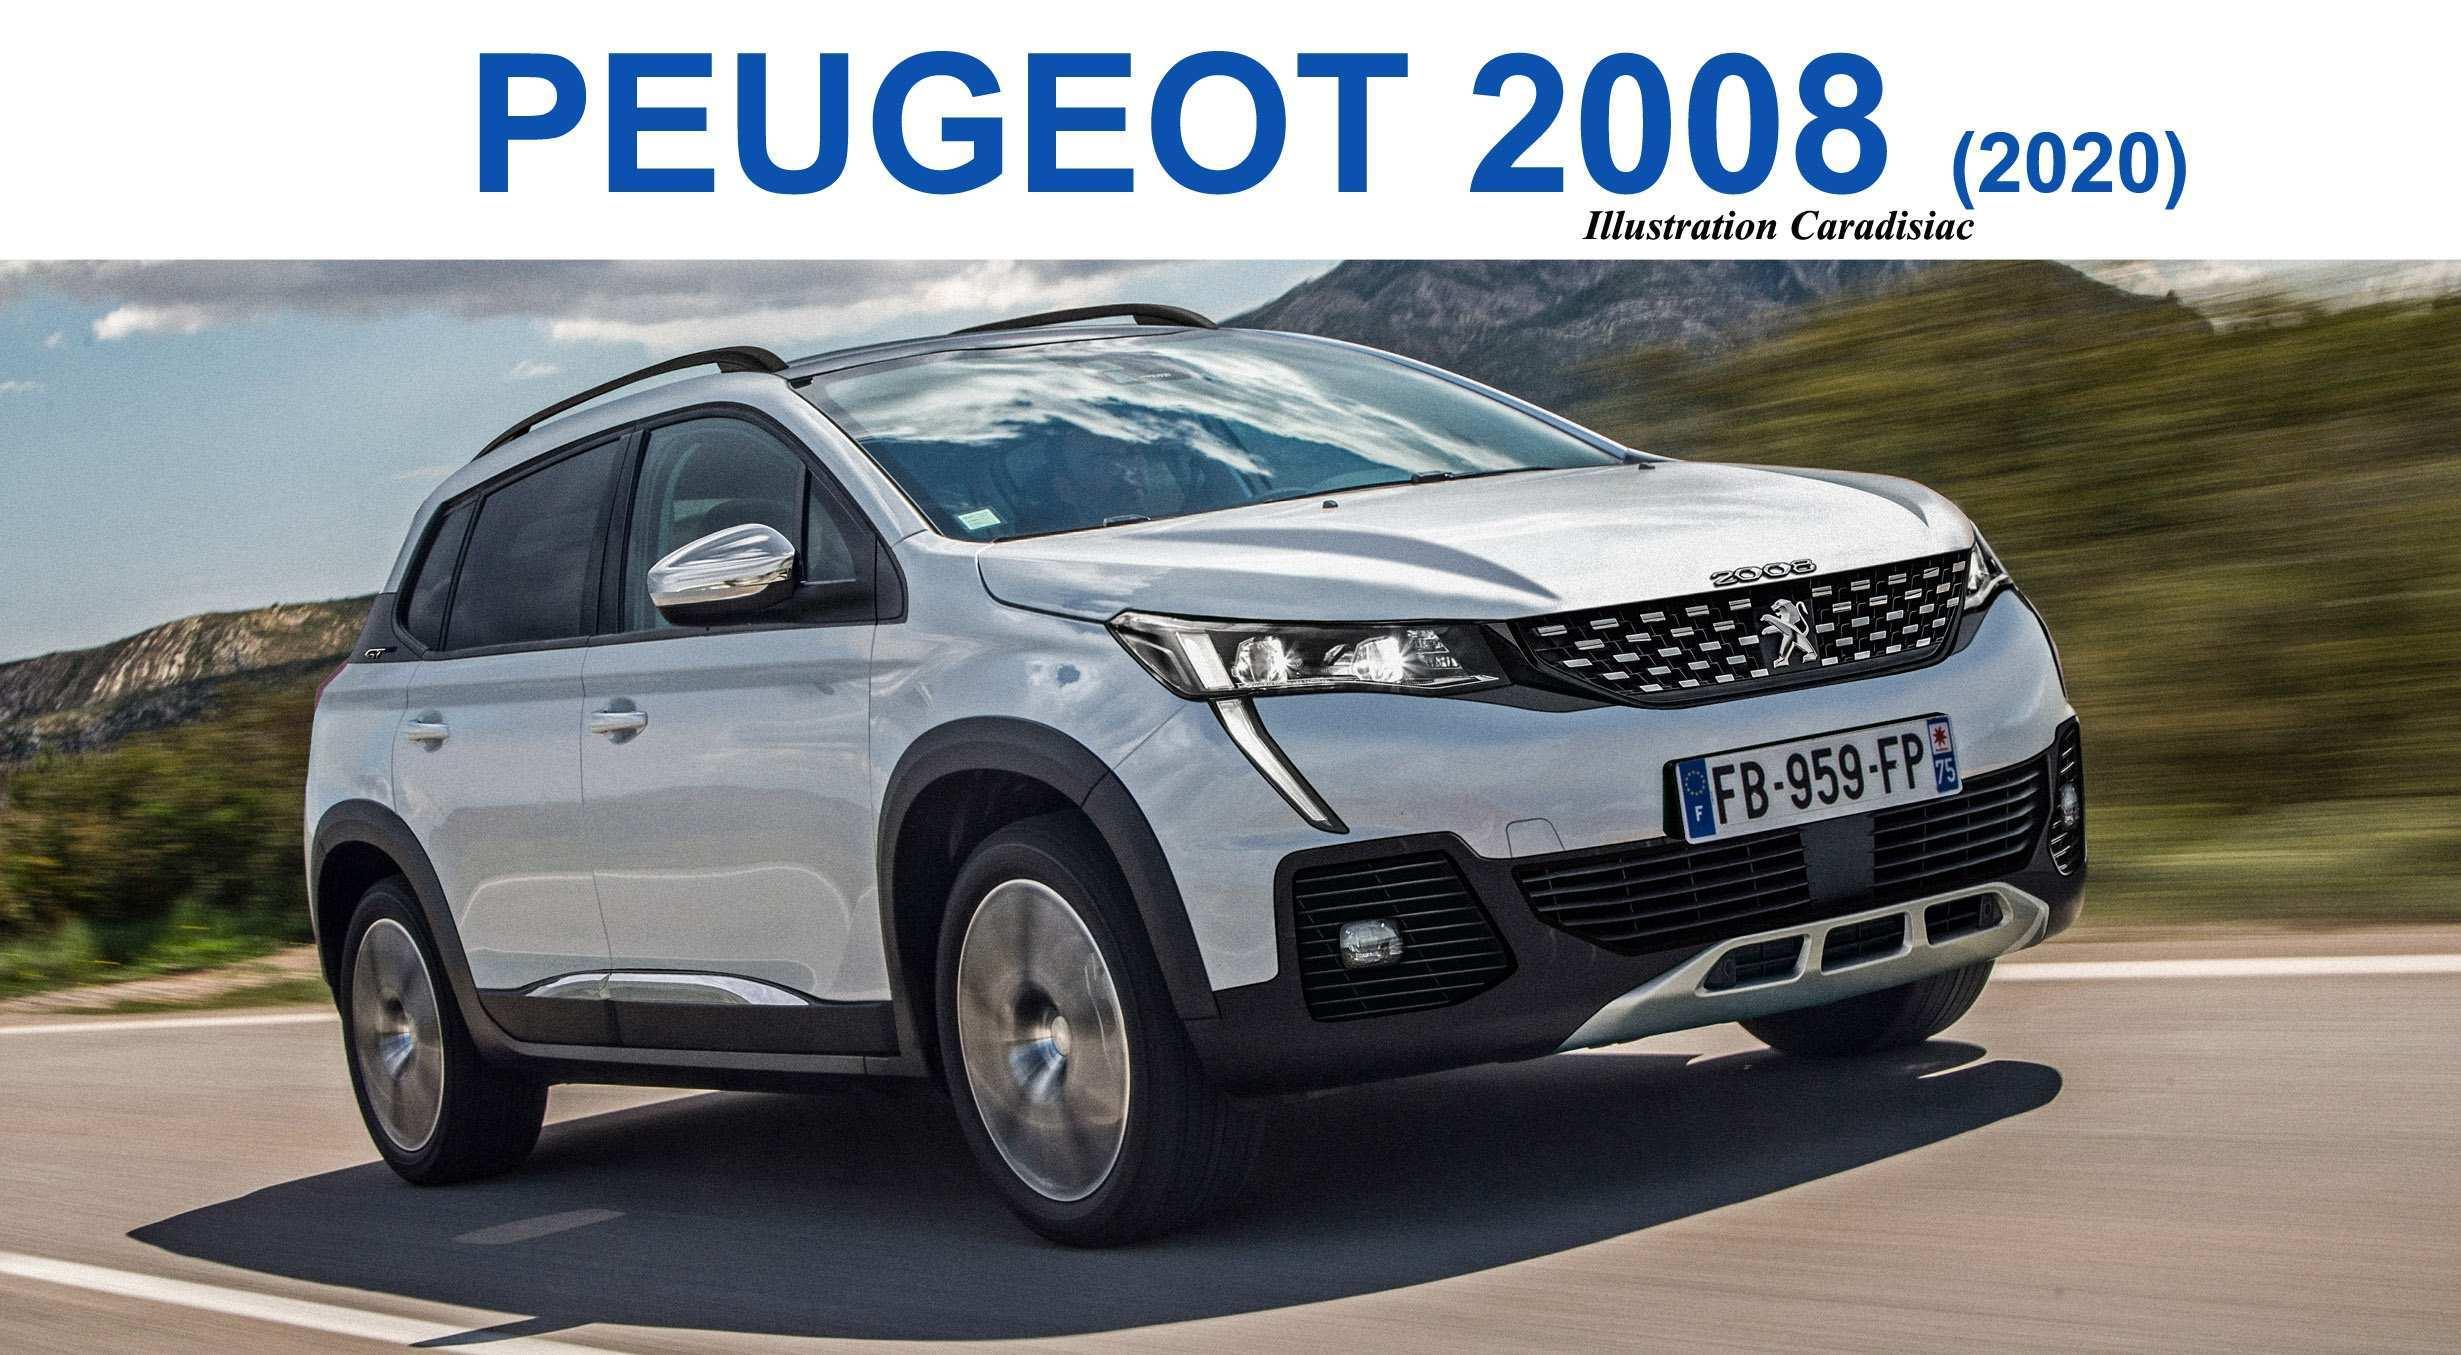 61 Best Review Nouveautes Peugeot 2020 Engine with Nouveautes Peugeot 2020